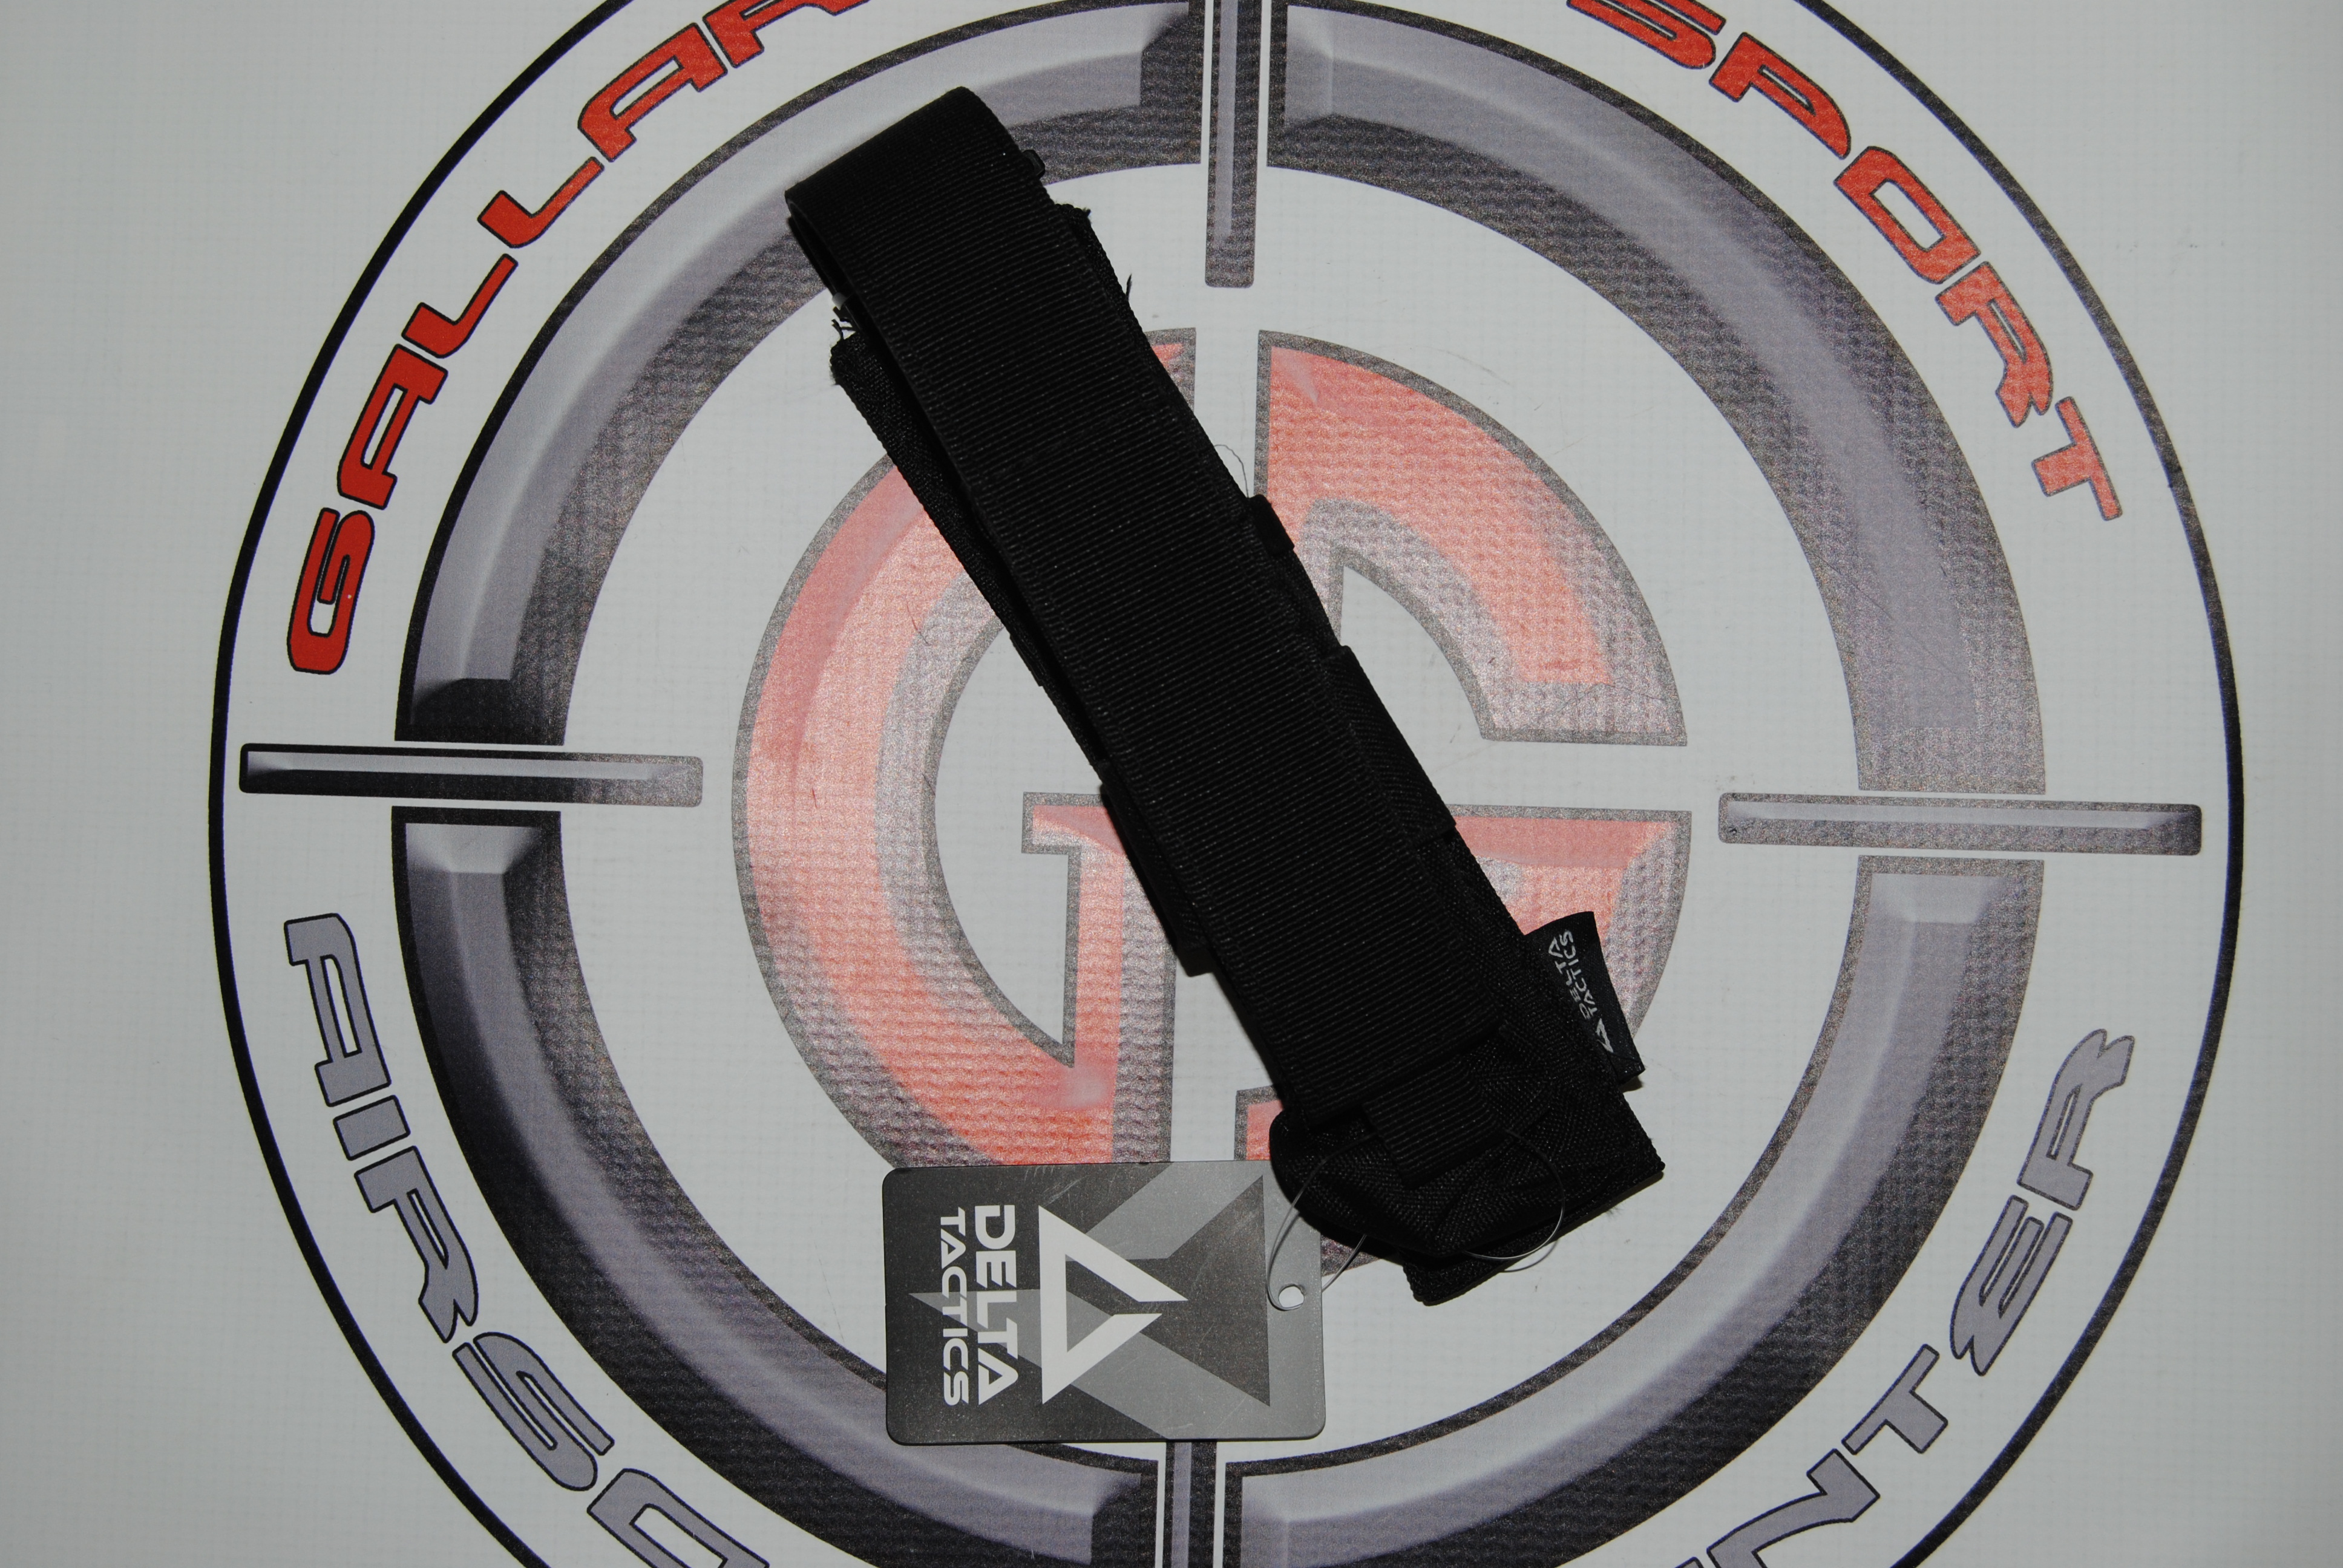 PORTACARGADOR MP5 MP7 MP9 UZI NEGRO DELTA TACTICS